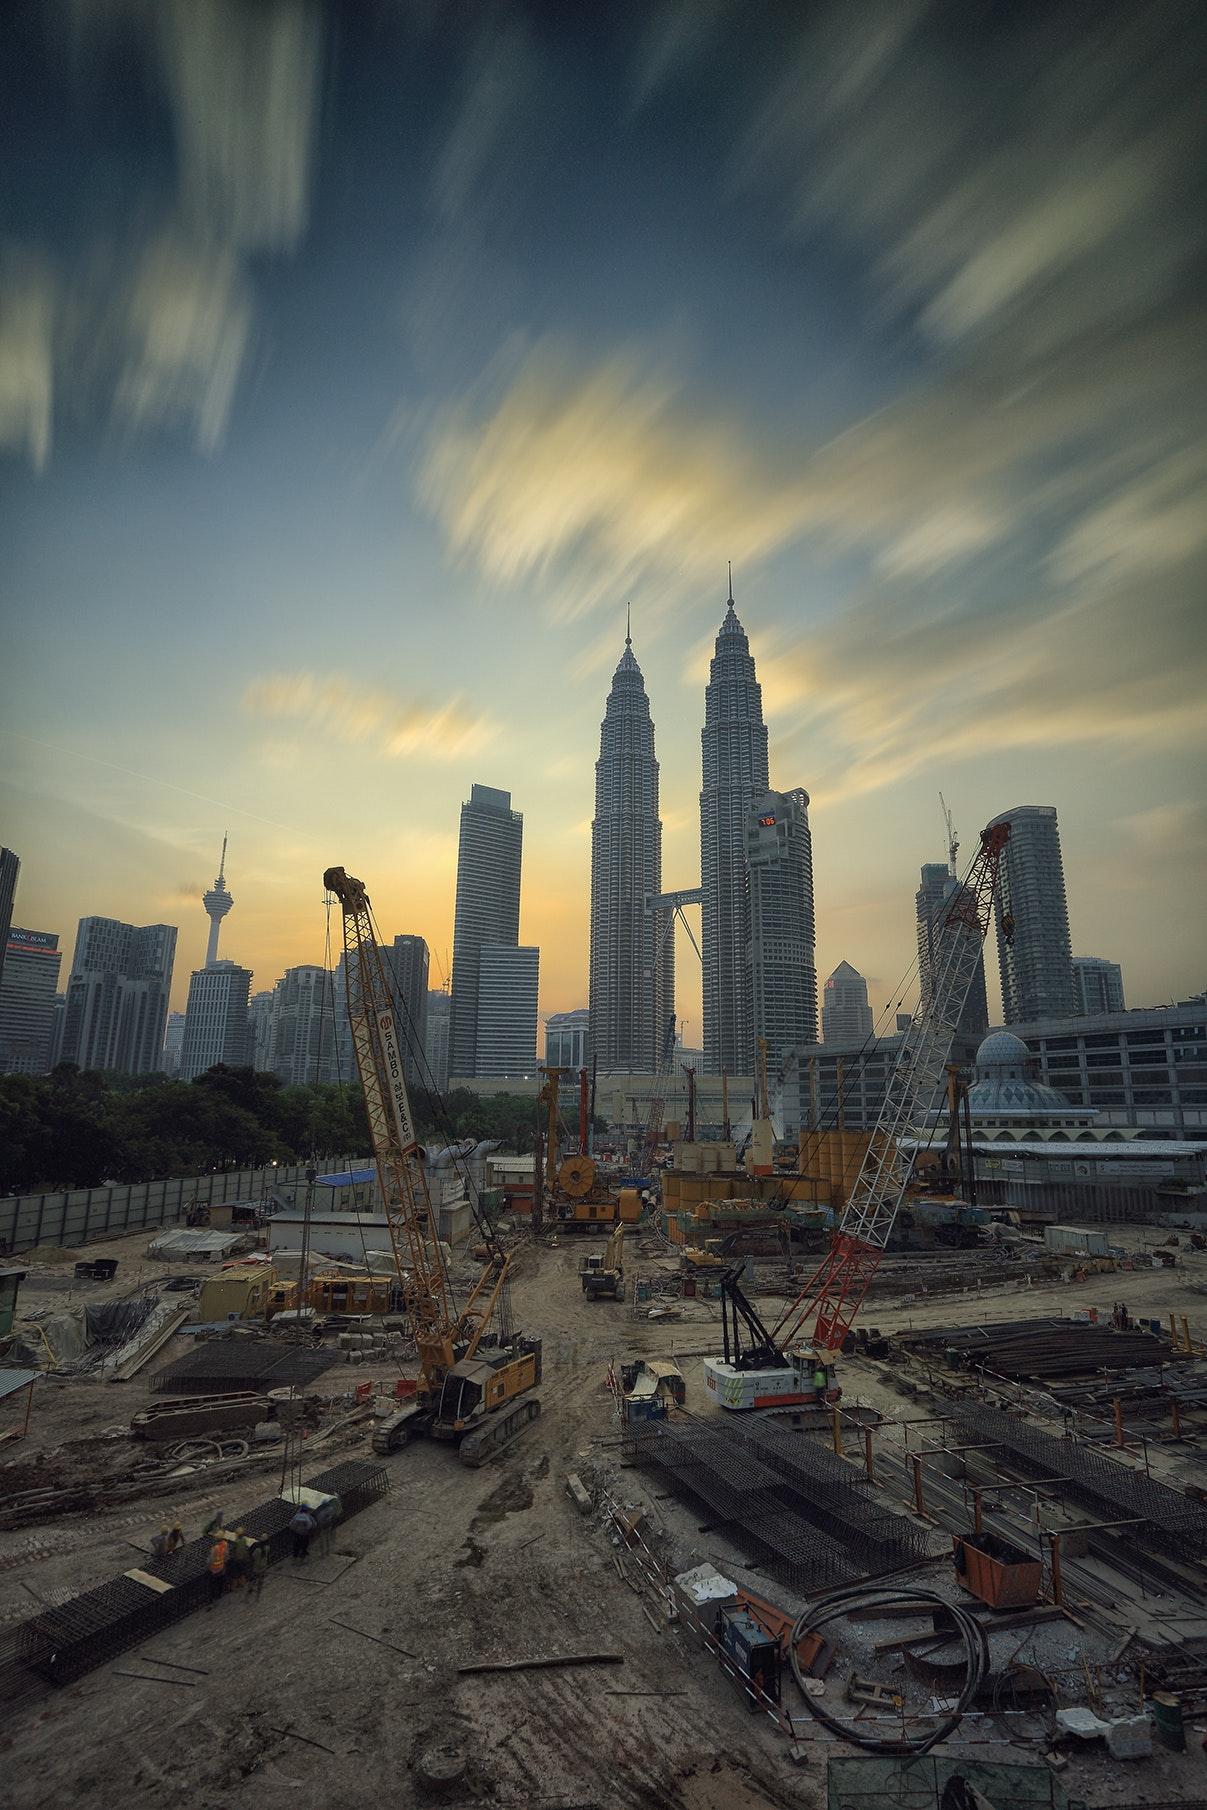 Yellow Tower Crane, Architecture, Heavy equipment, Travel, Sunset, HQ Photo